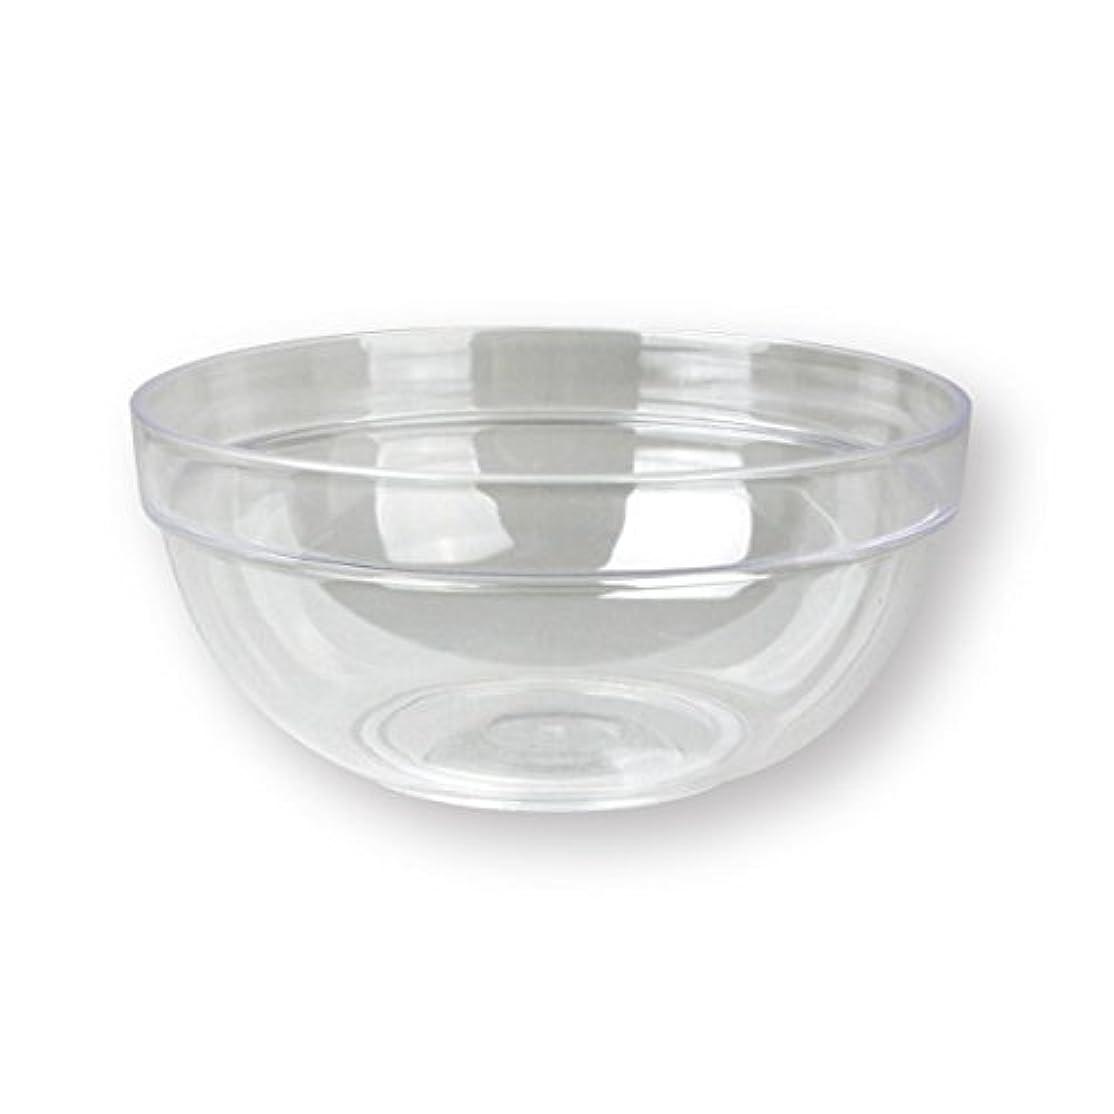 上いくつかの構造4個セットプラスチックボール プラスチック ボウル カップクリア 直径20cm